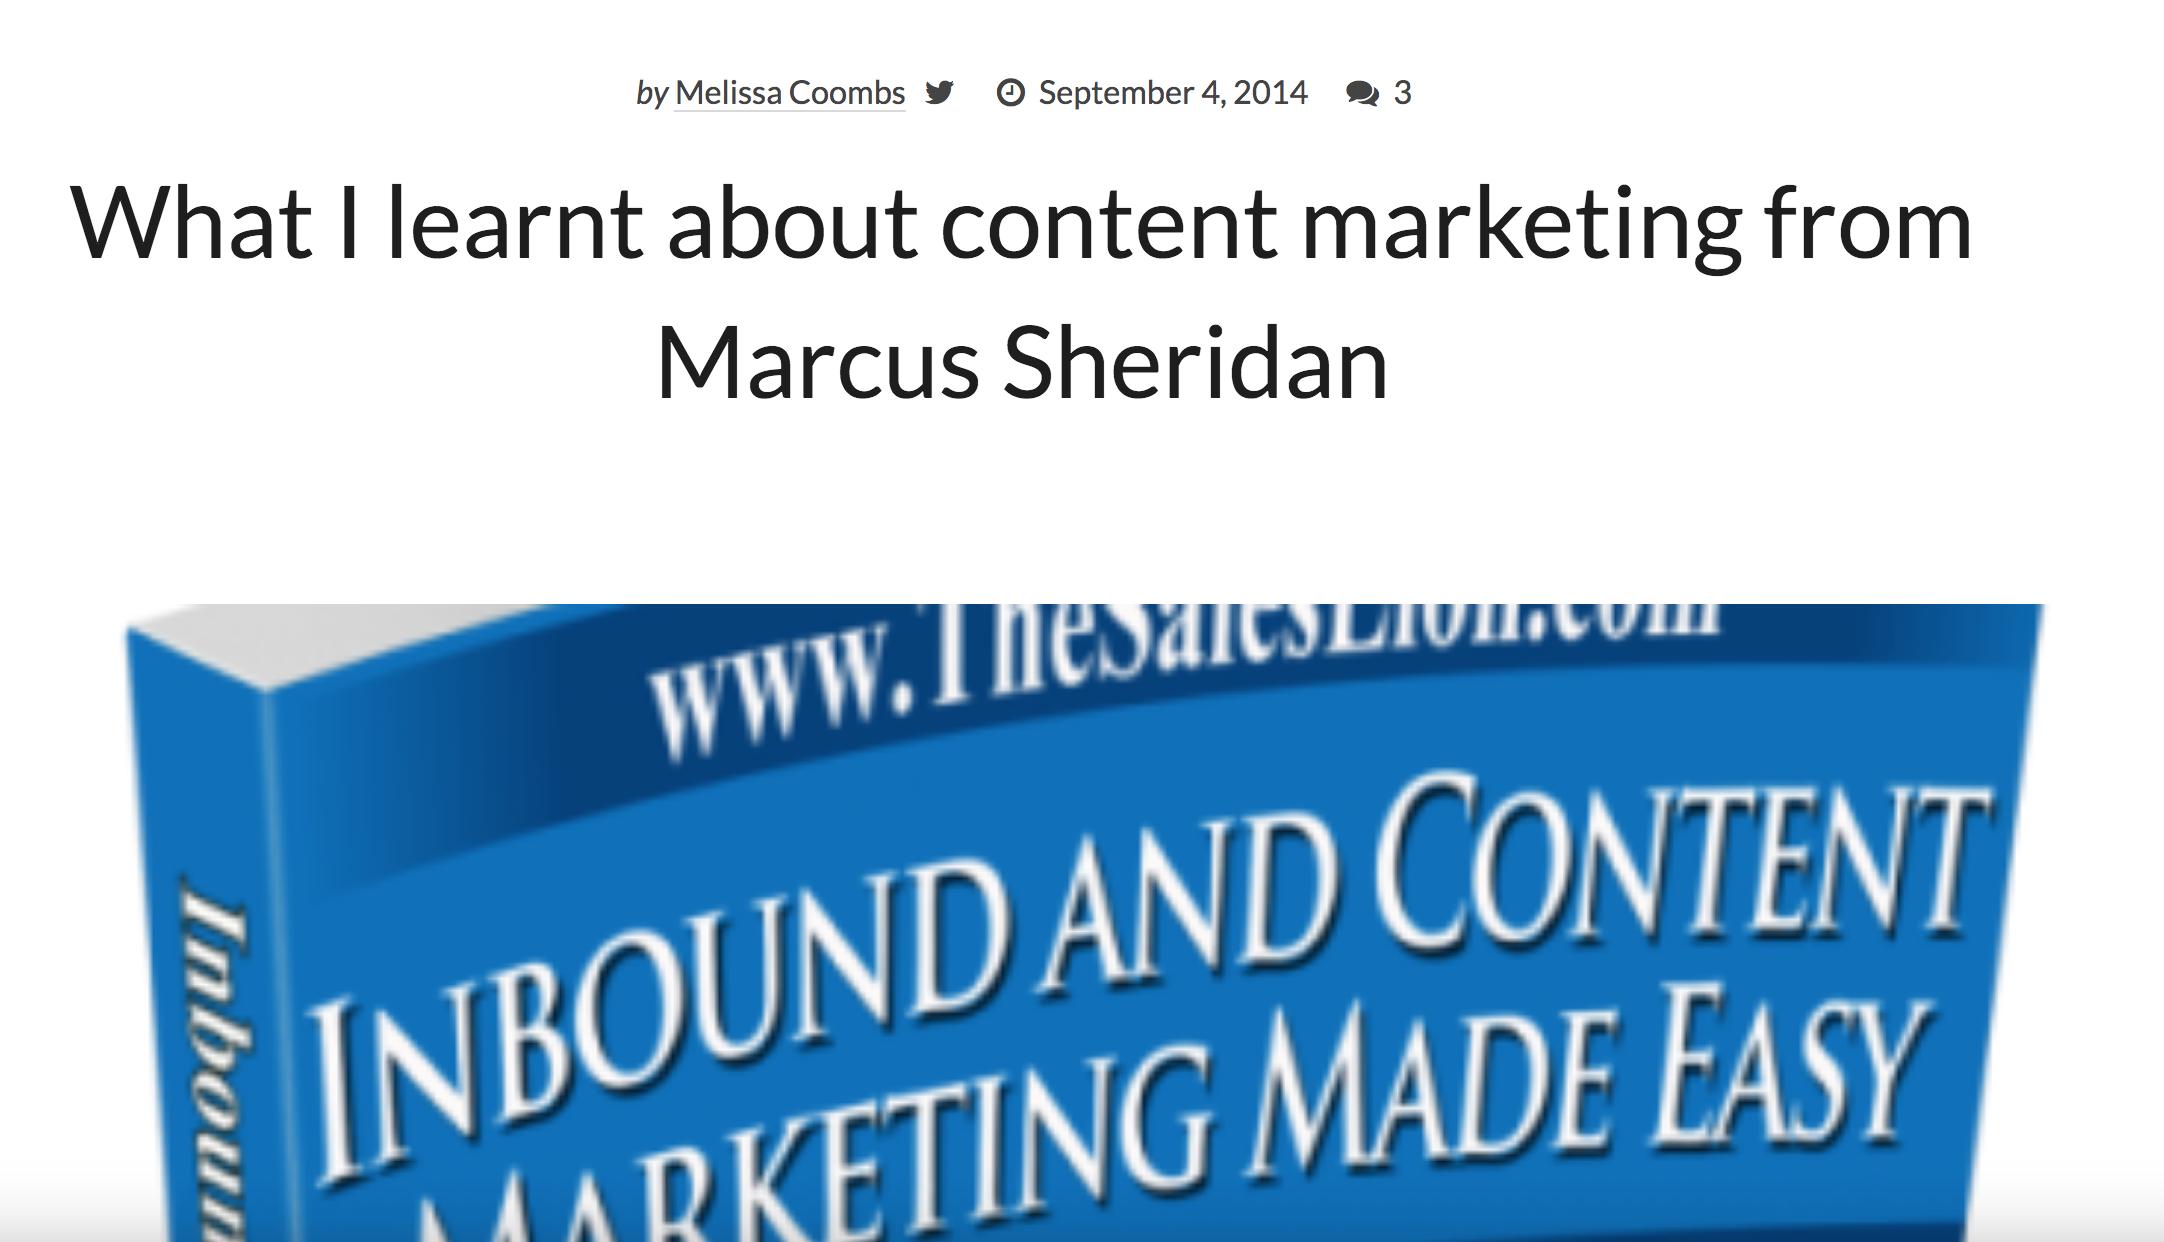 Inbound content marketing book